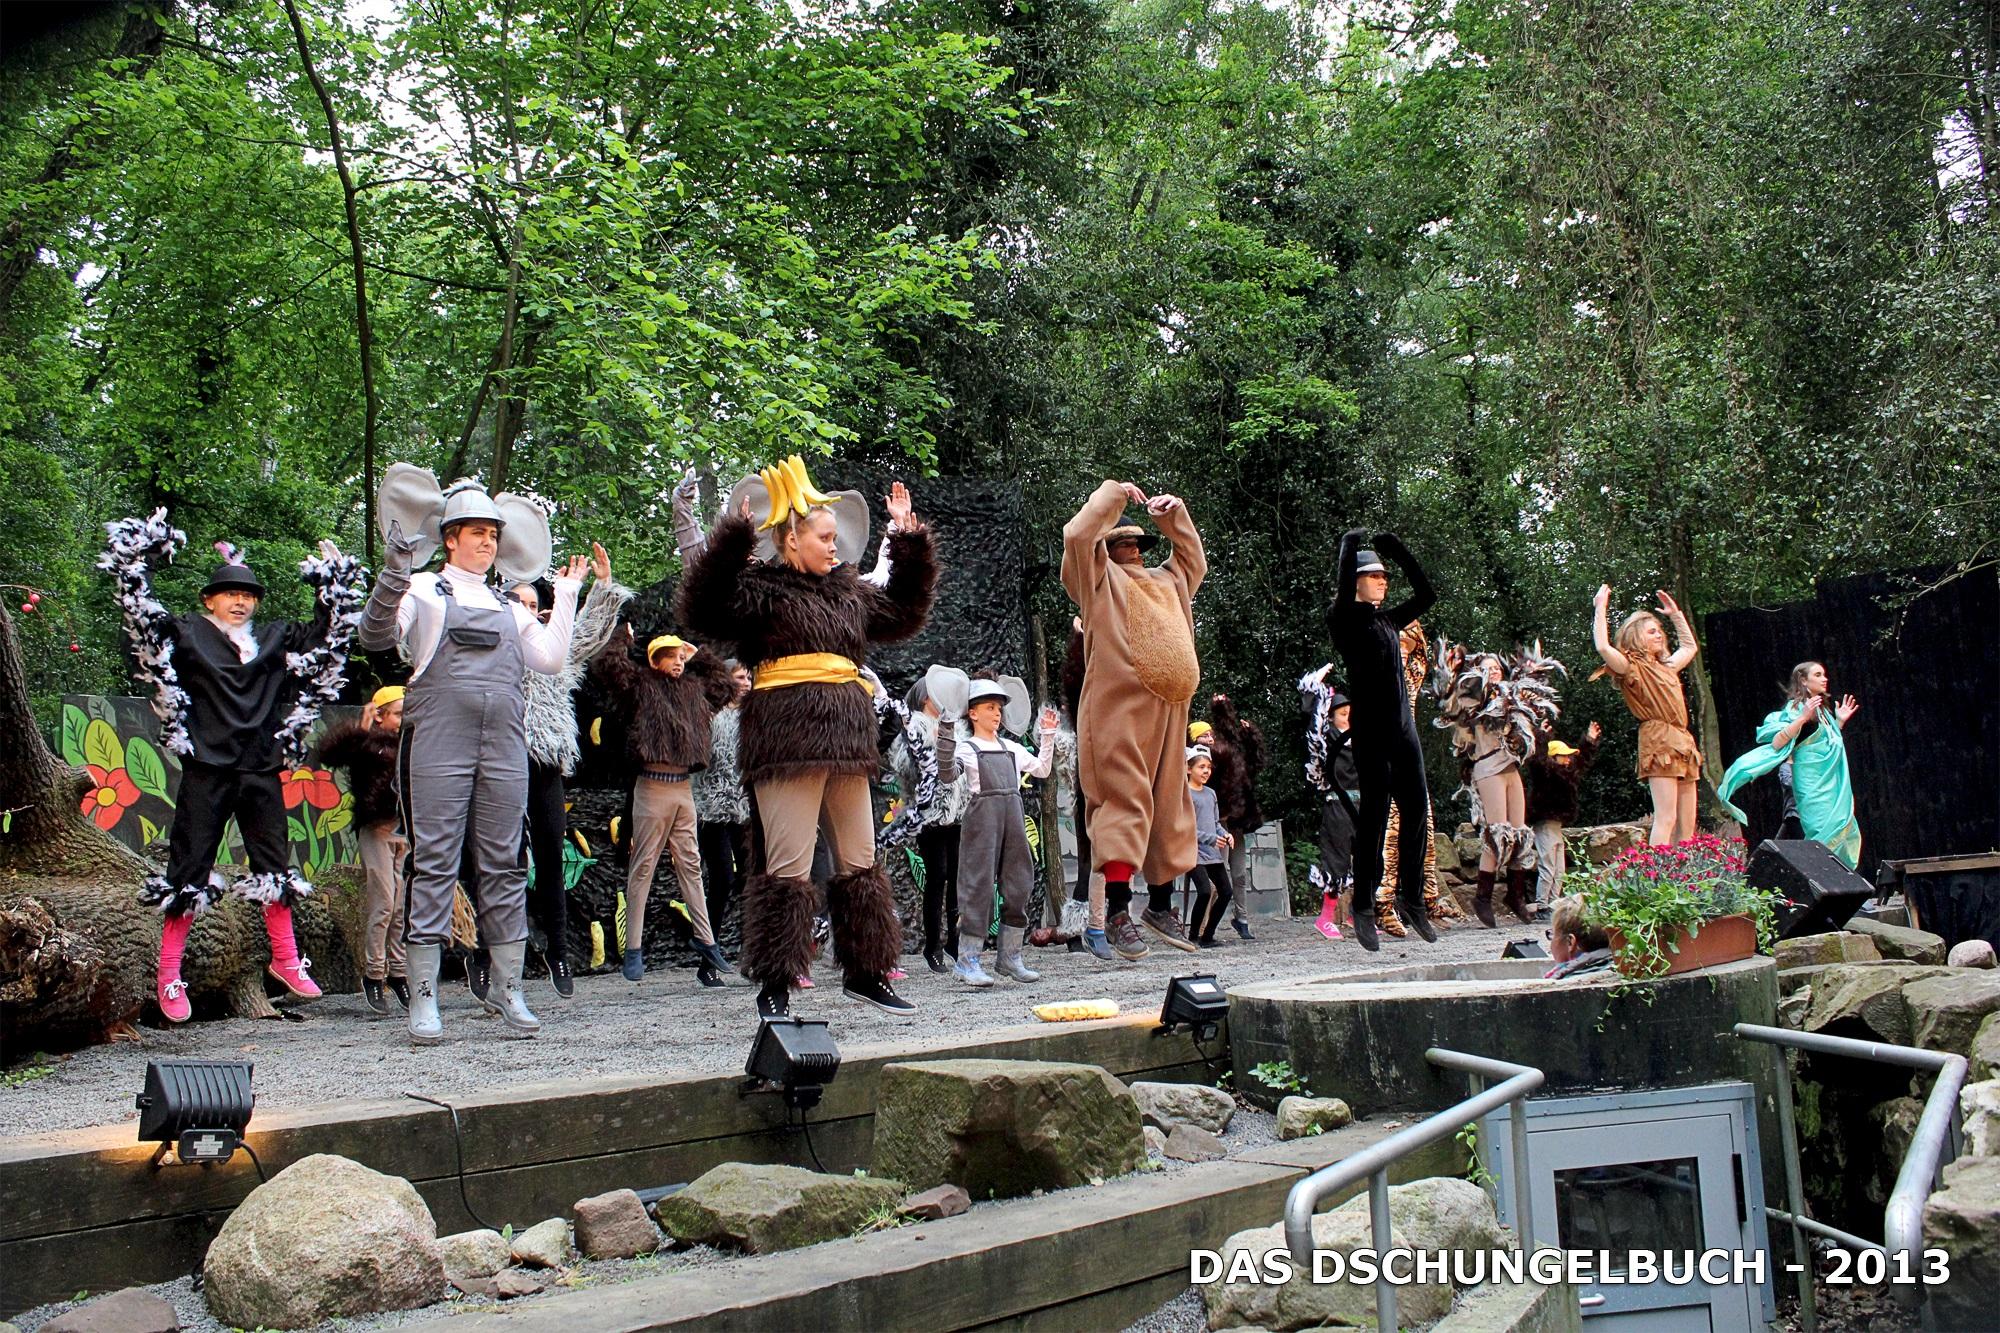 Das Dschungelbuch 2013-2